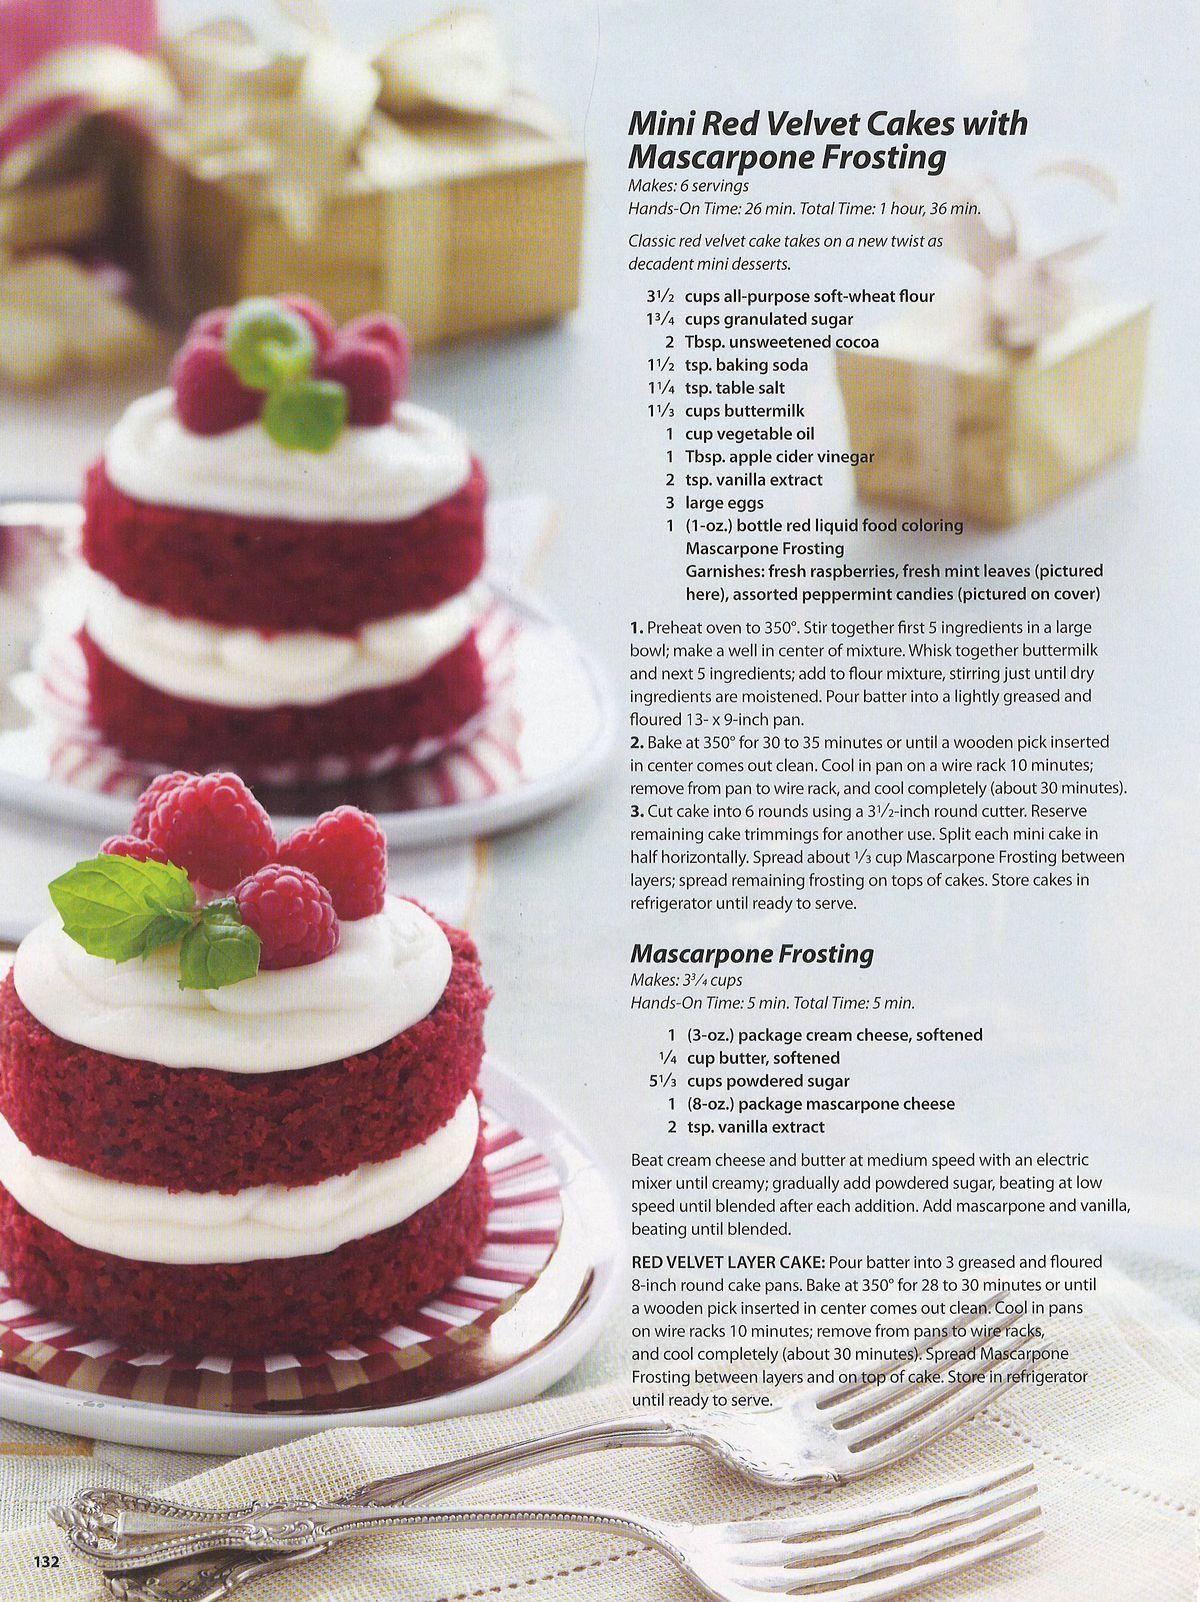 Rote Samtkuchen Minicakes Rote Samtkuchen Minicakes Macarons Macaronsbacken Macaronsfullungrezept Macaronsrezept In 2020 Mini Desserts Desserts Mini Cakes